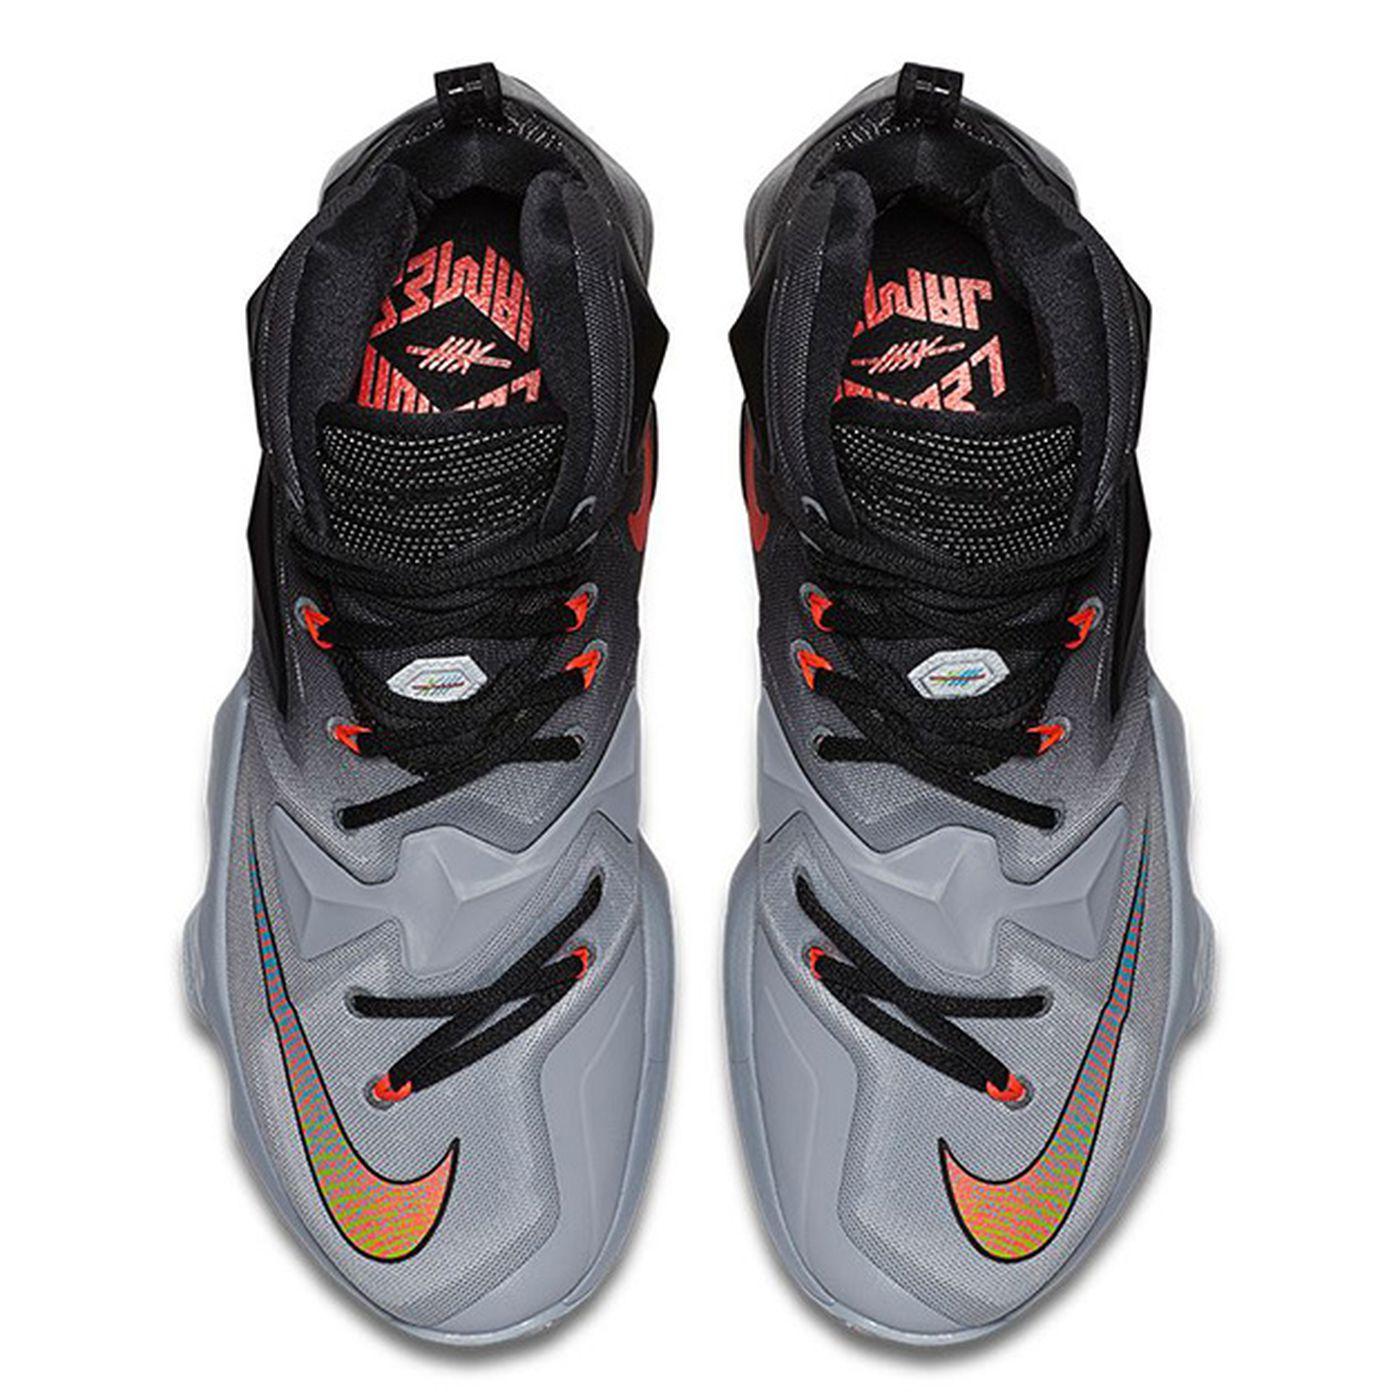 new arrival 35e32 ec0b9 Cavs Kicks  Nike LeBron 13